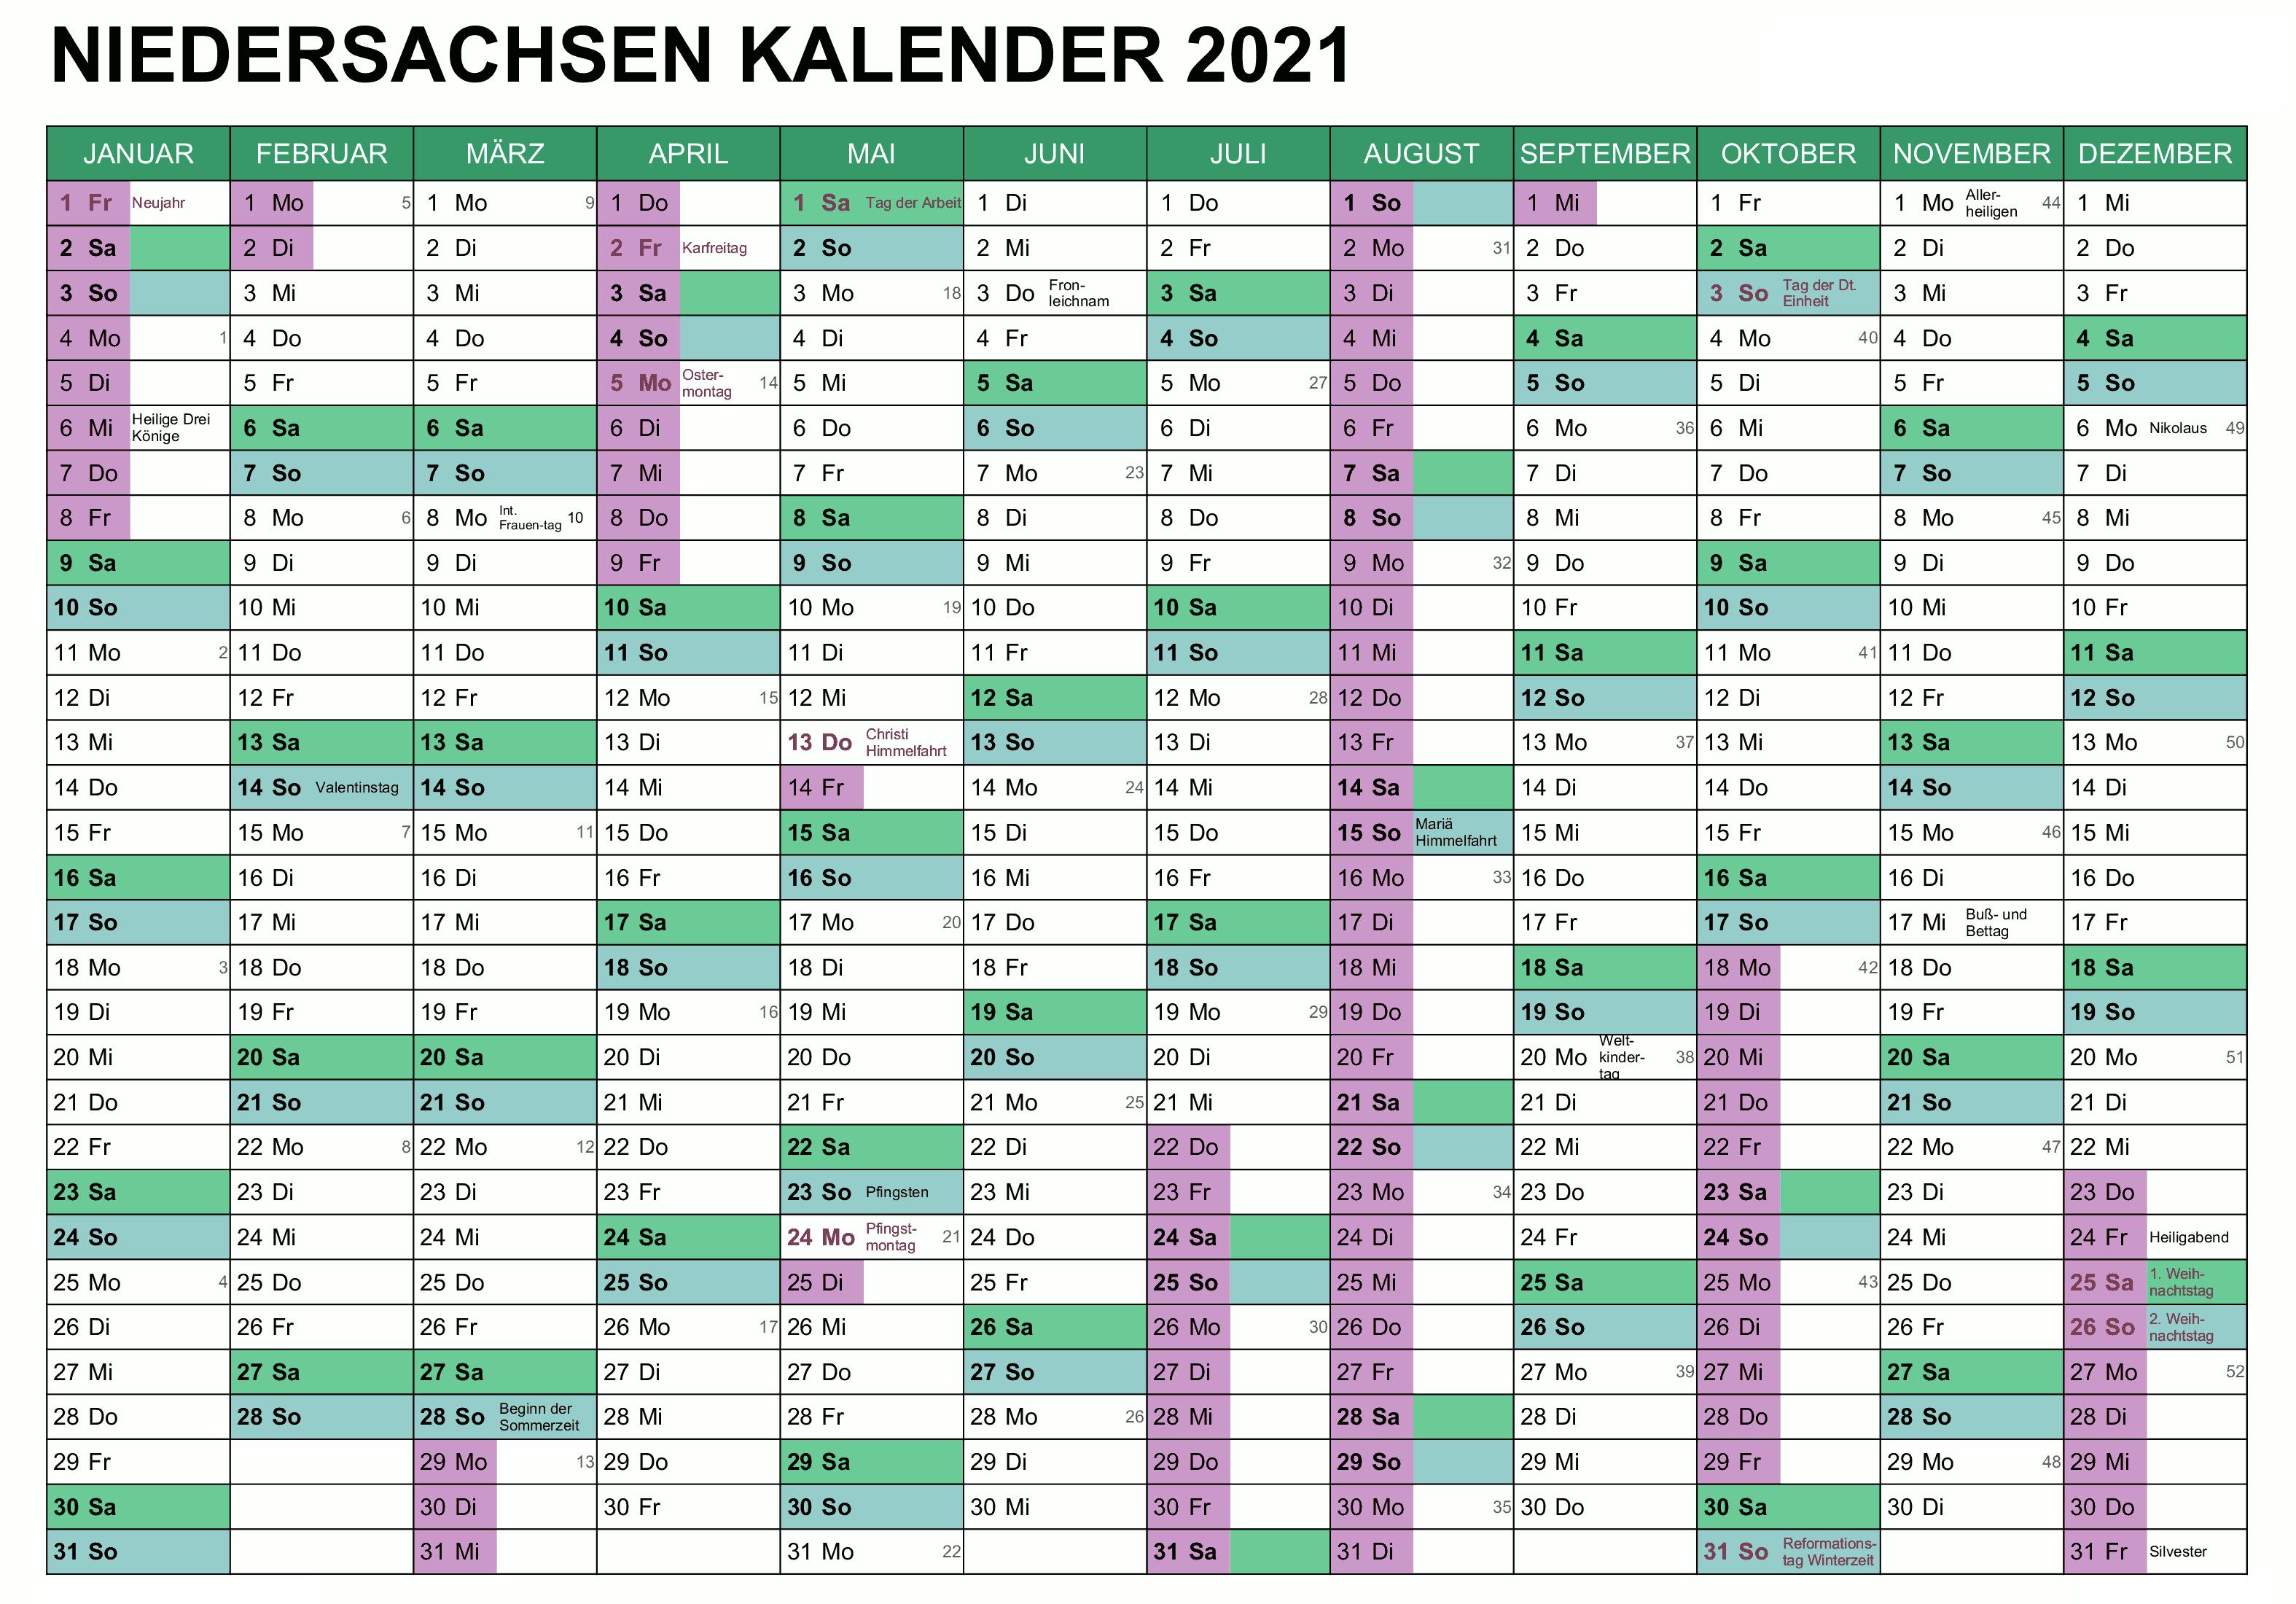 Wann Sind Die Sommerferien Niedersachsen 2021?